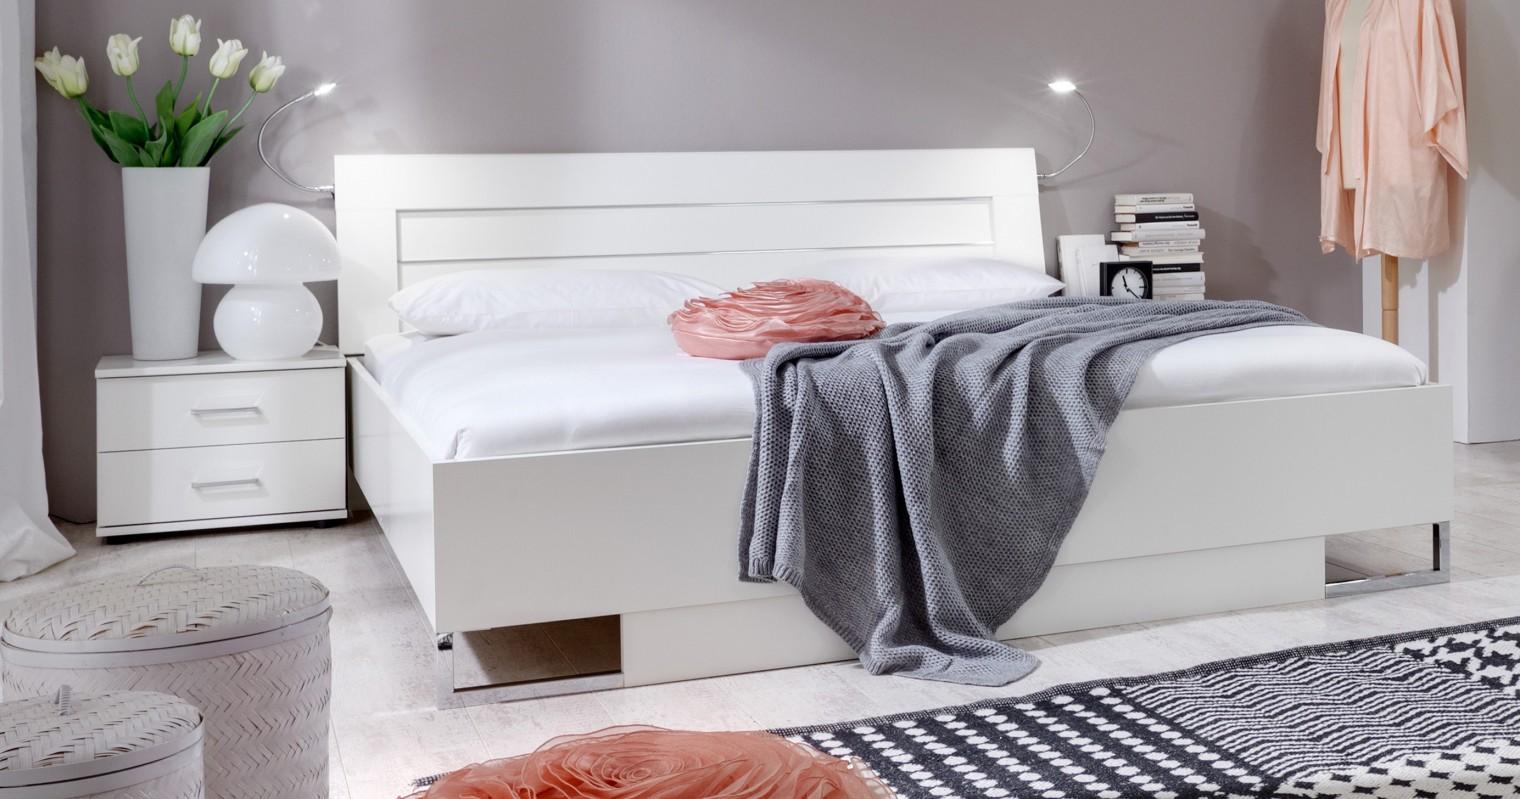 Ložnicový komplet Davos - Komplet 4, postel 160 cm (alpská bílá)